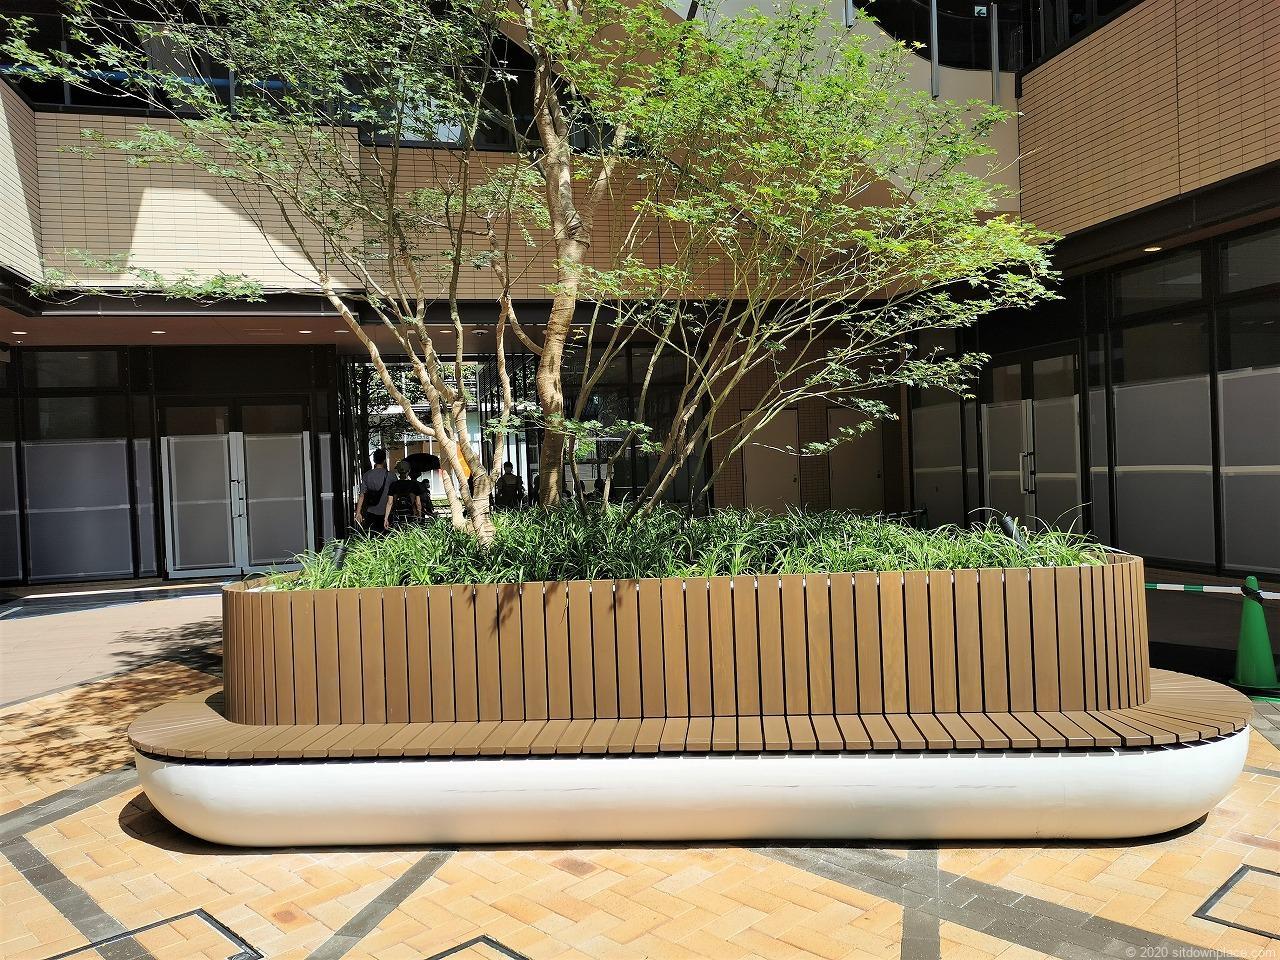 武蔵小杉駅 コスギサードアベニュー センタースクエアの休憩場所